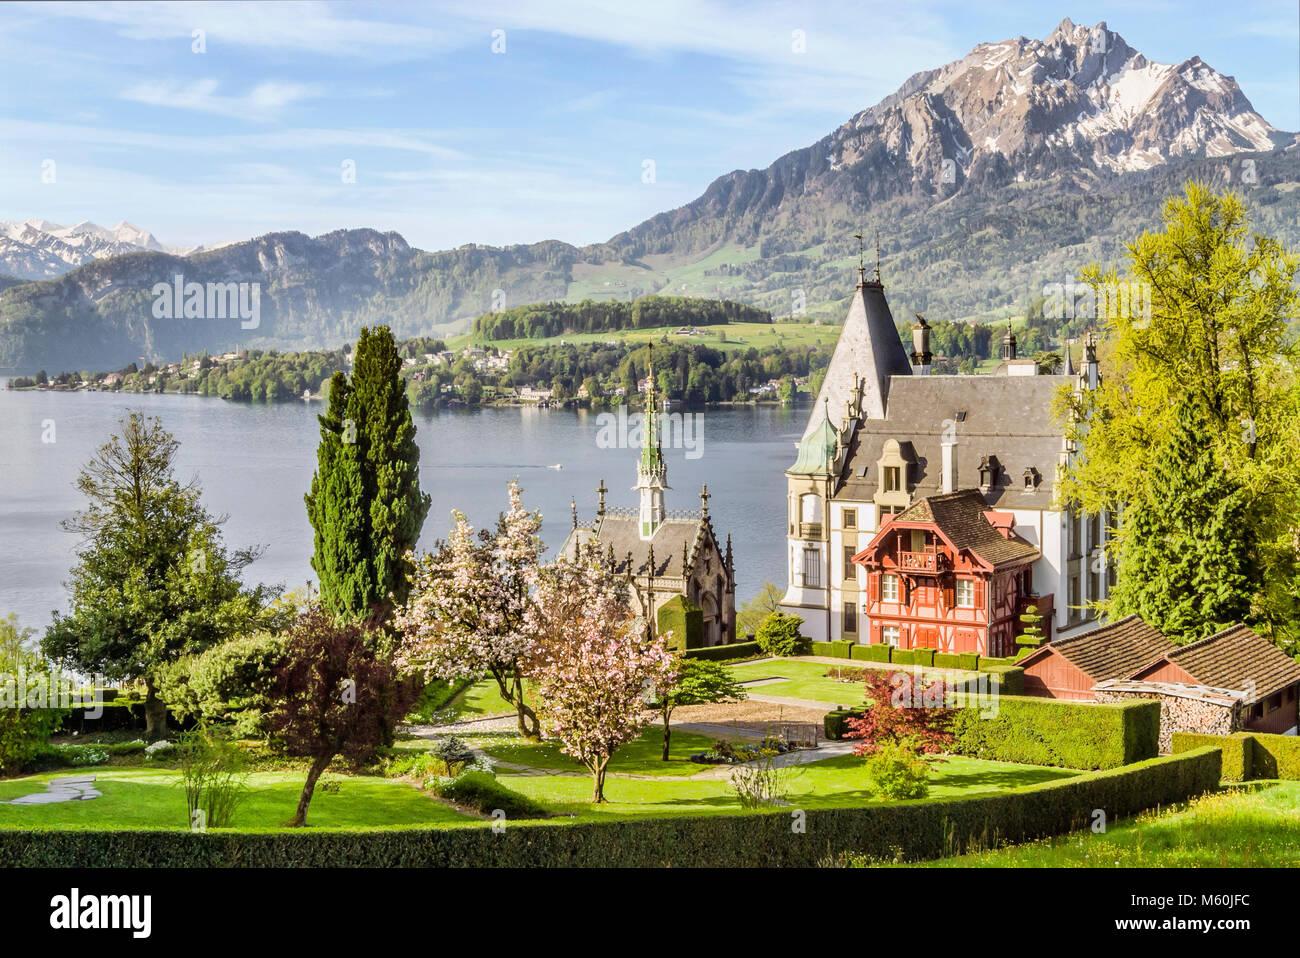 Schloss Meggen, eine Burg mit Blick auf den Vierwaldstättersee im meggenhorn in der Nähe von Luzern, Schweiz Stockbild